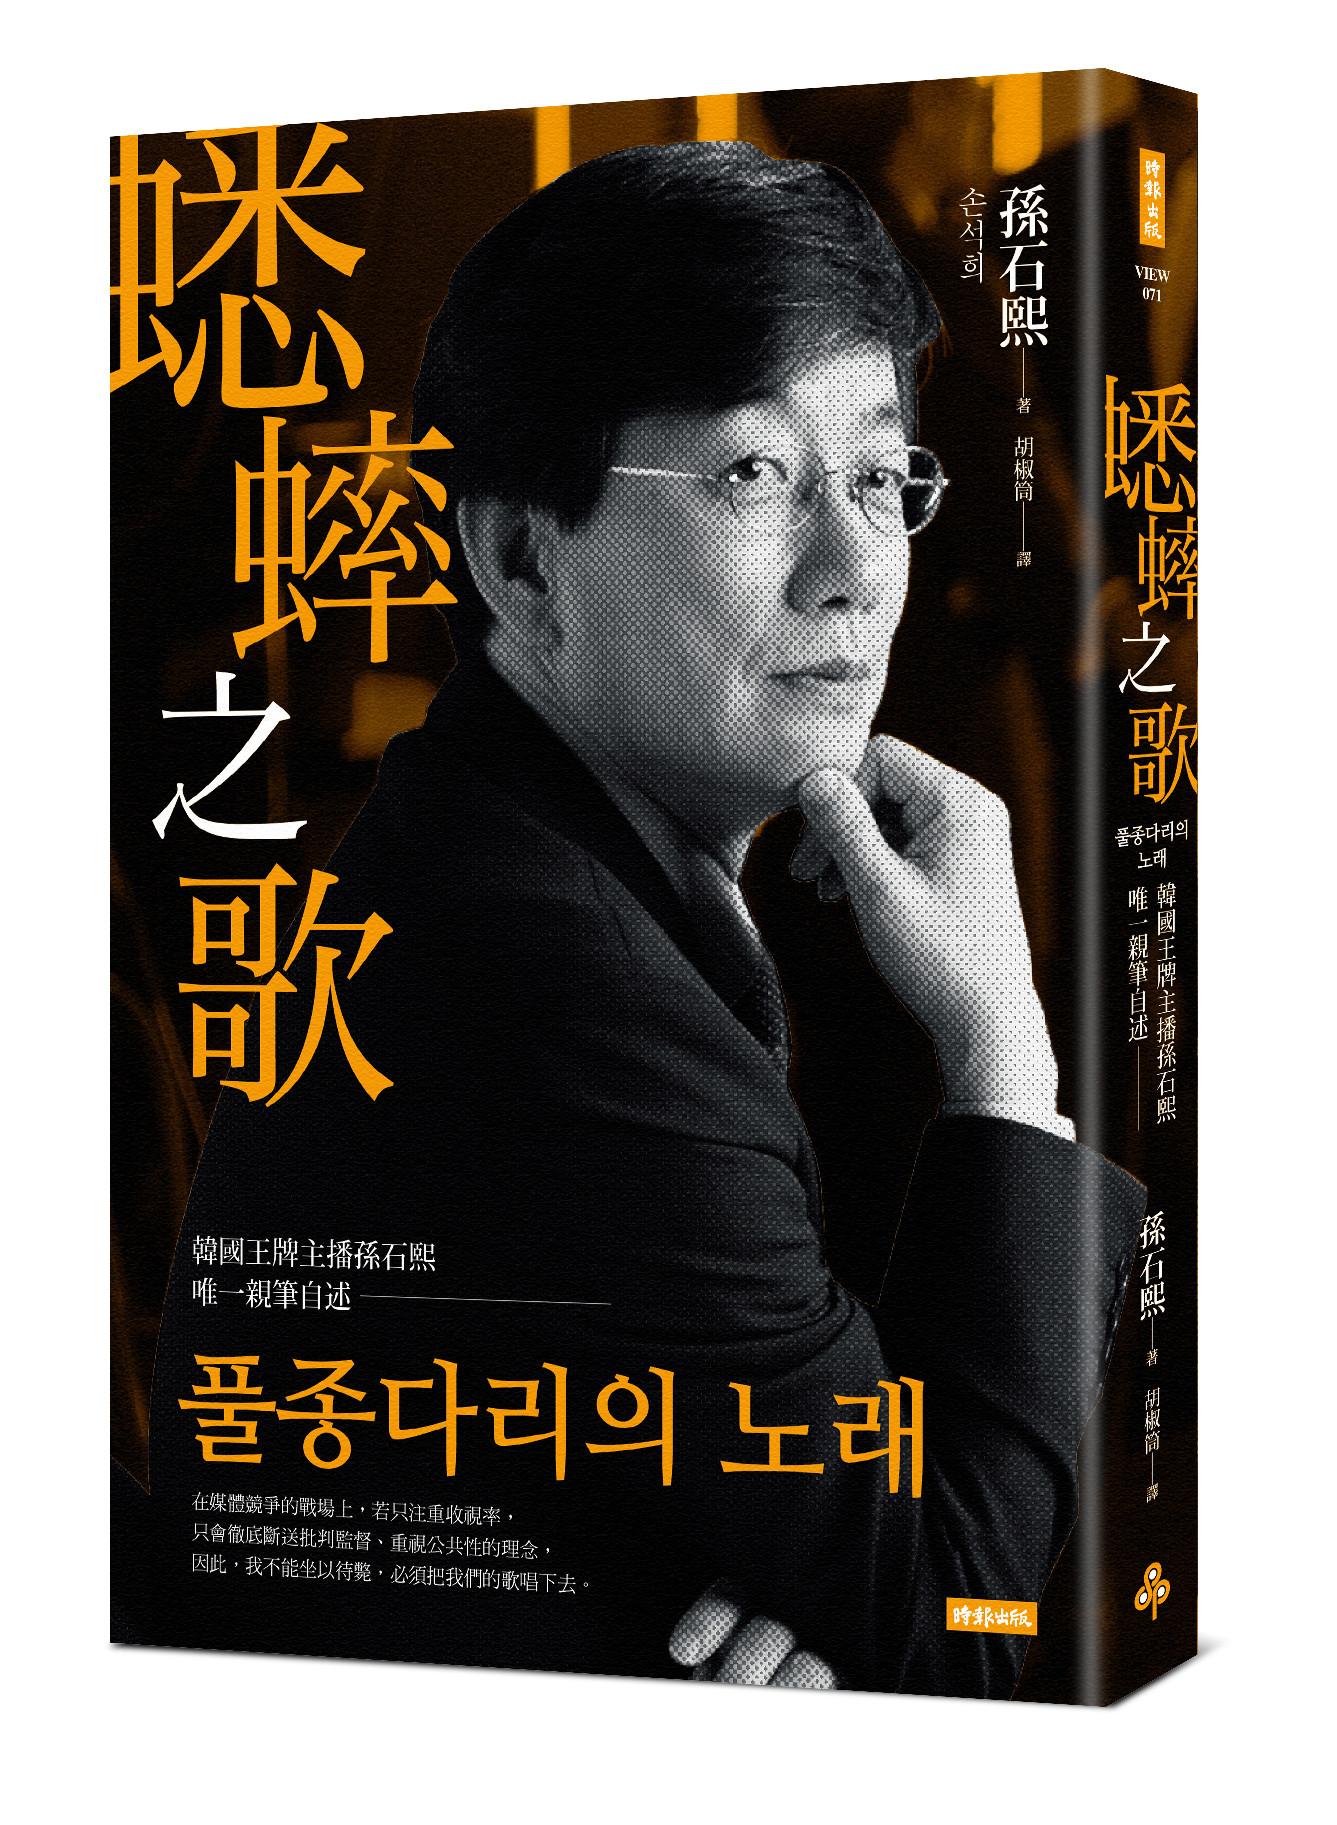 ▲蟋蟀之歌:韓國王牌主播孫石熙唯一親筆自述。(圖/時報出版提供)